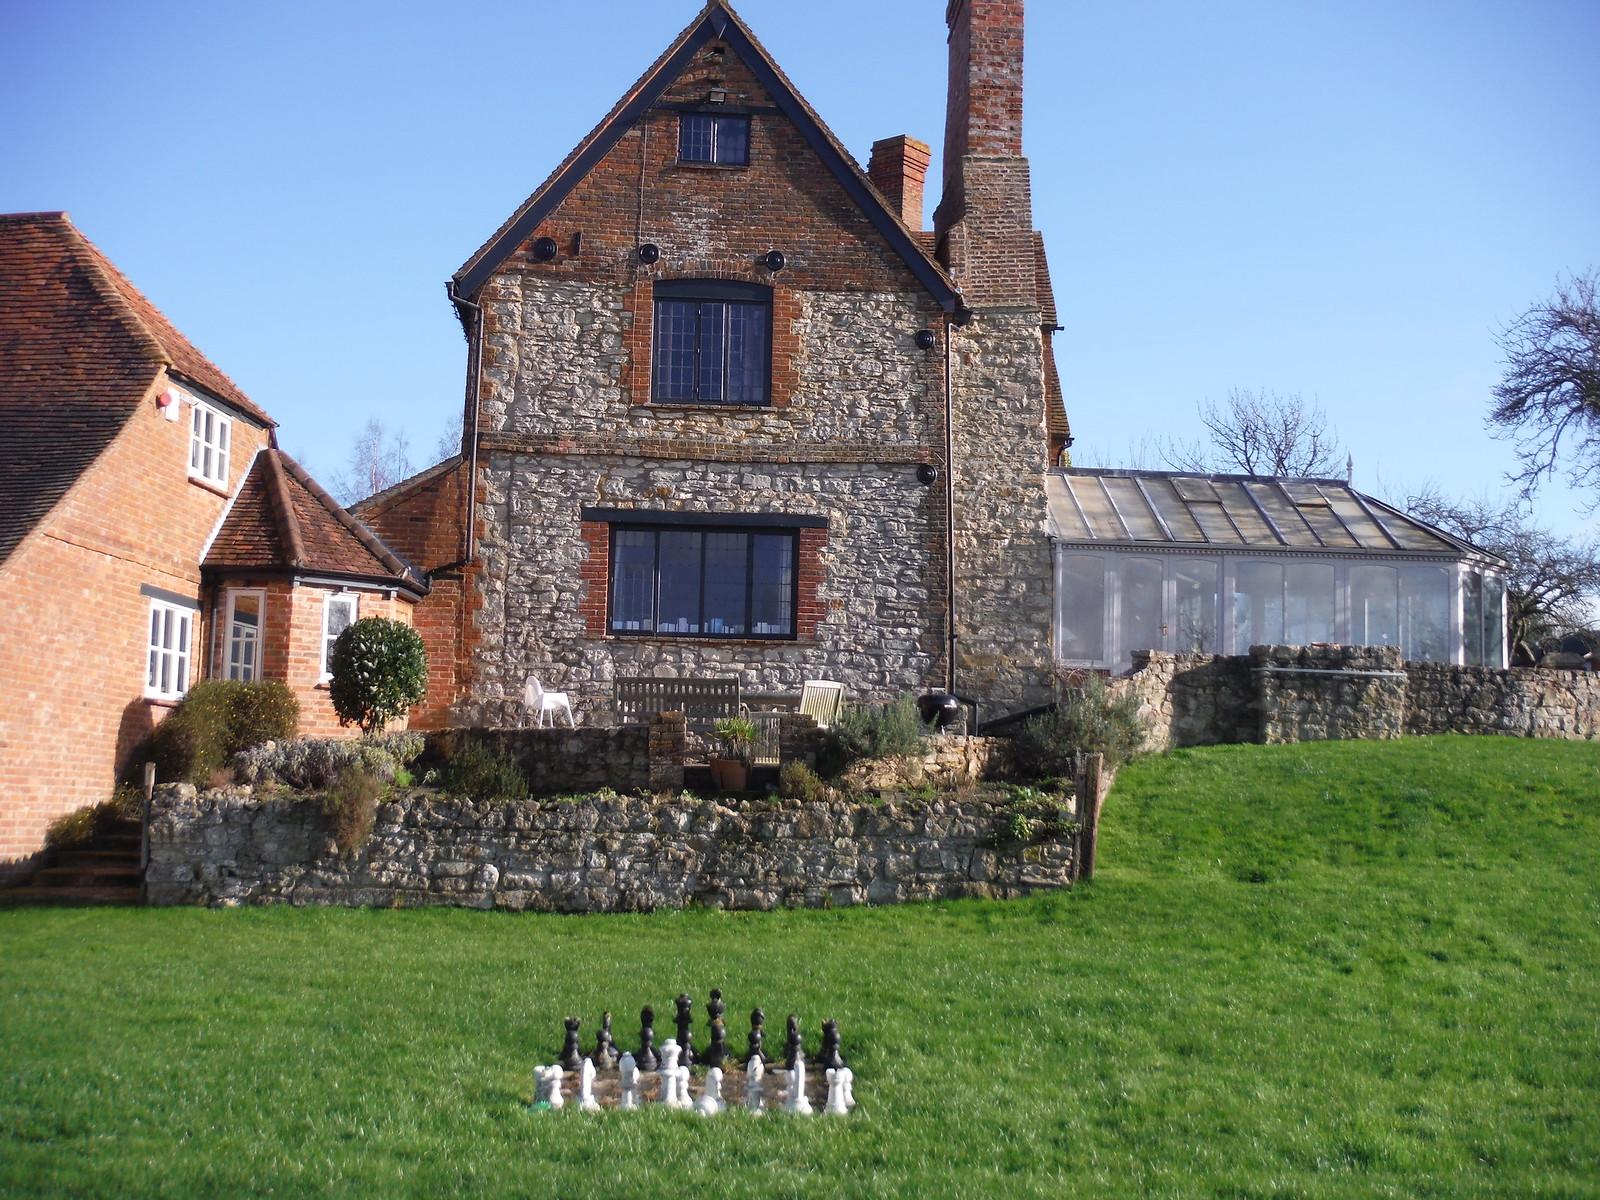 House in Lower Pollicott SWC Walk 191a Haddenham Circular (w/o Brill)